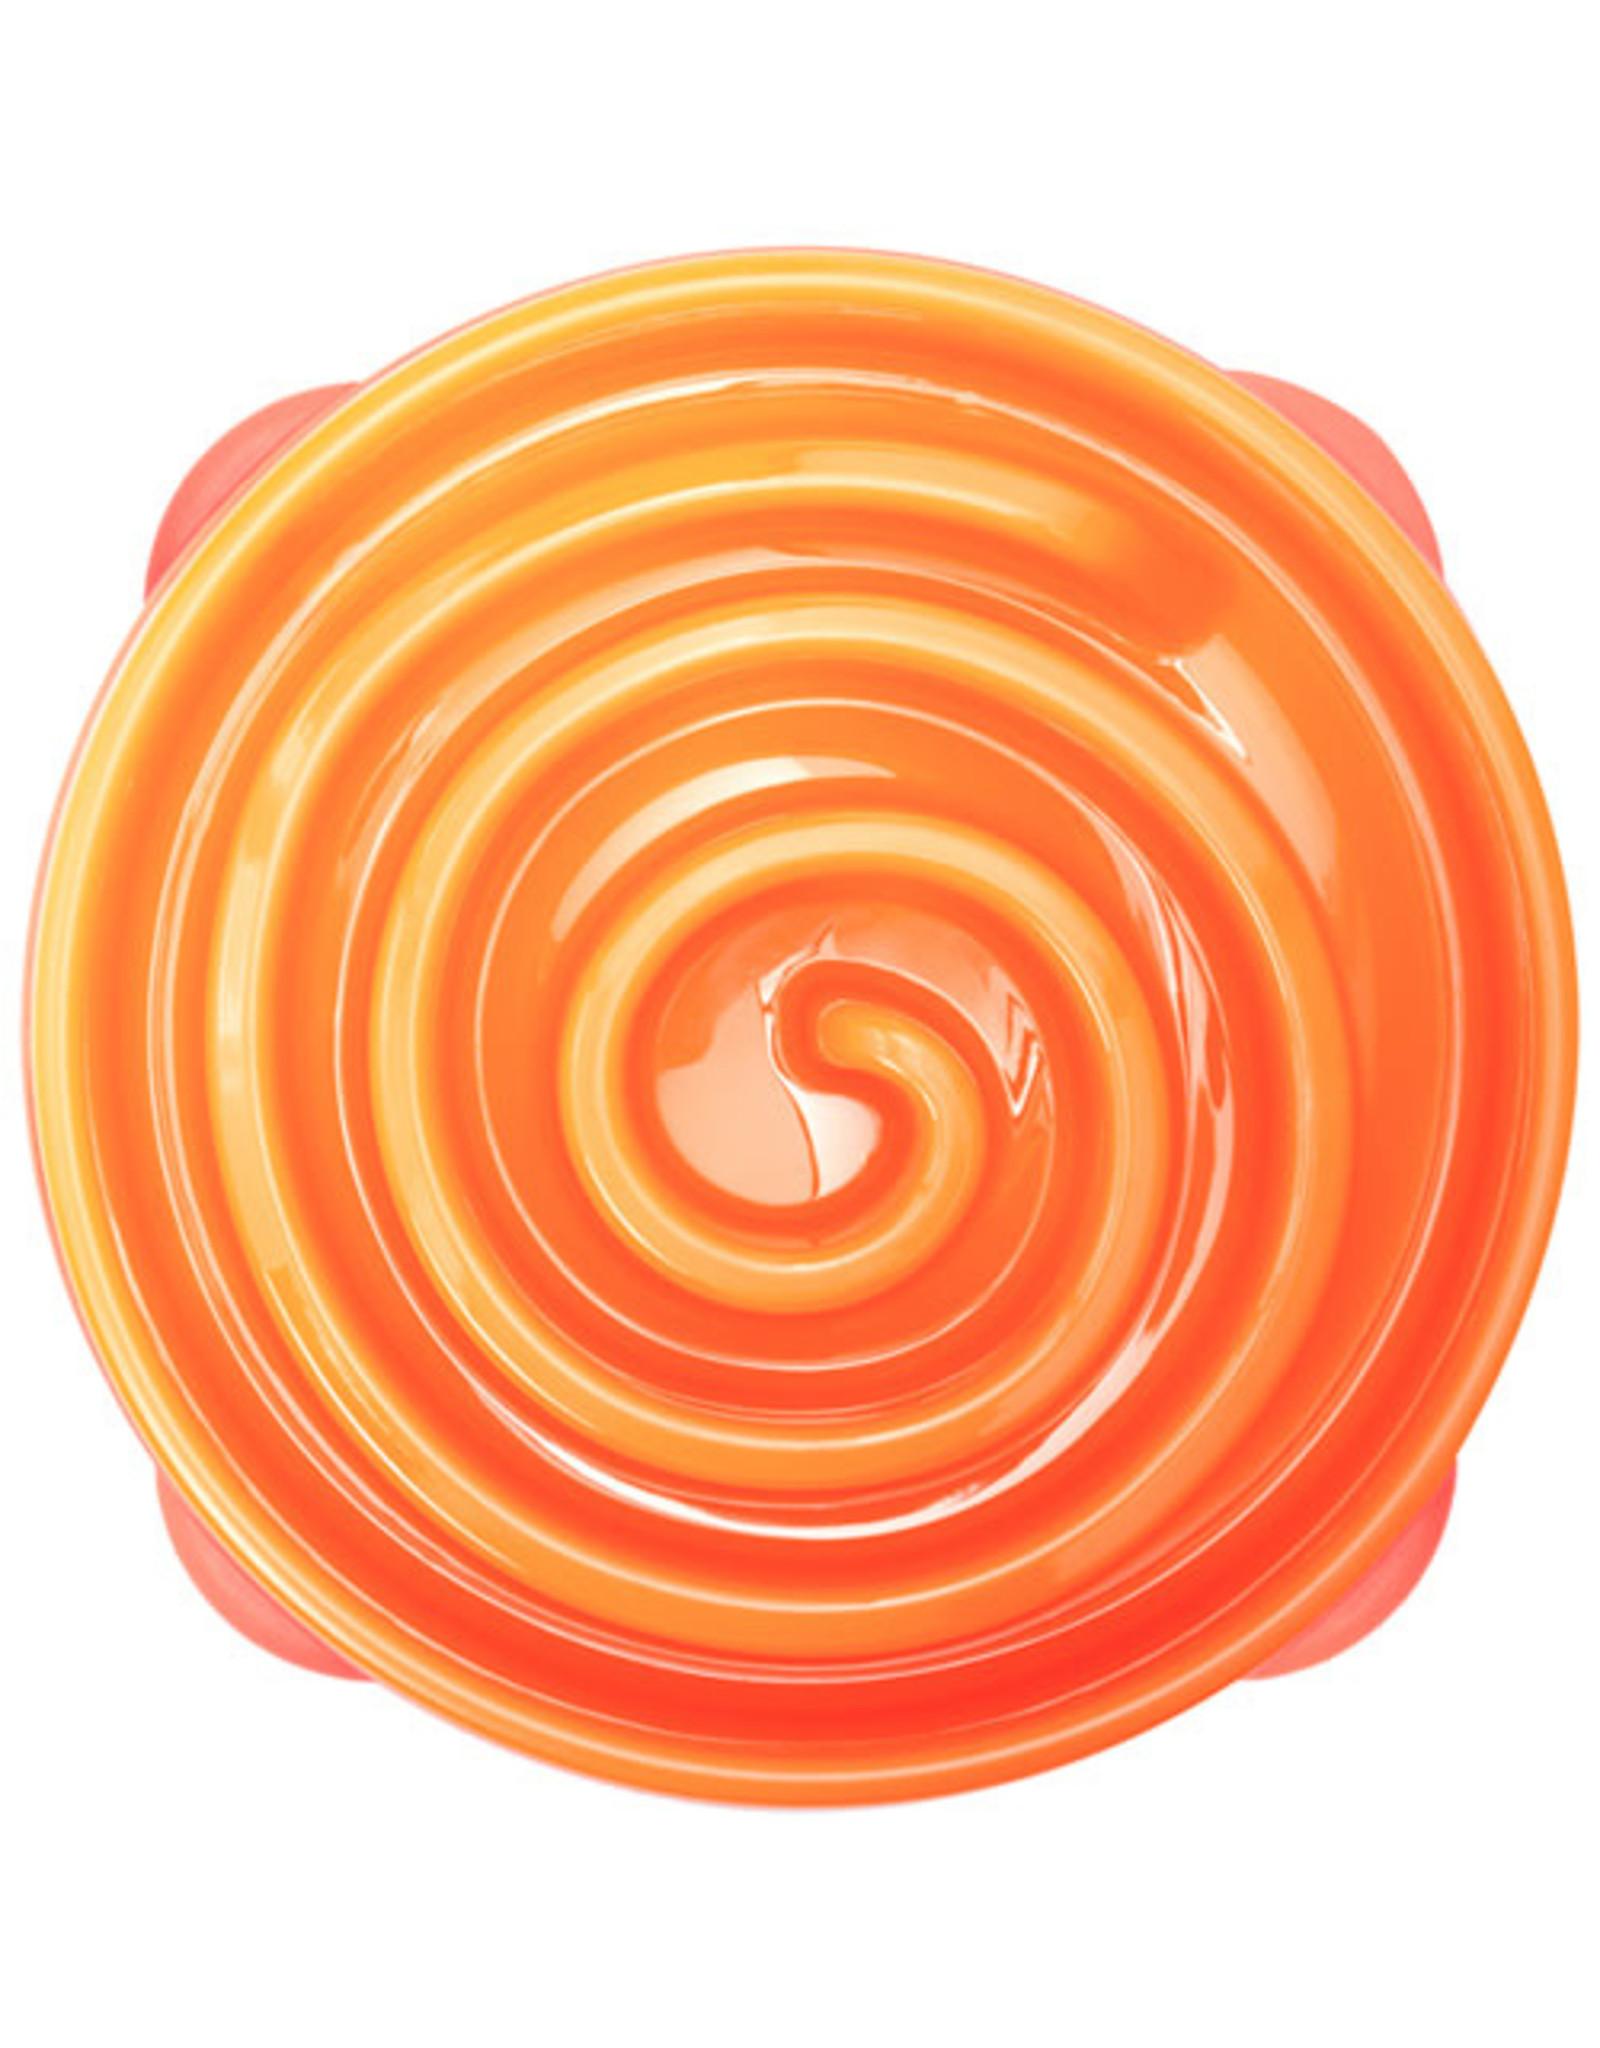 Outward Hound Fun Feeder - Large - Orange